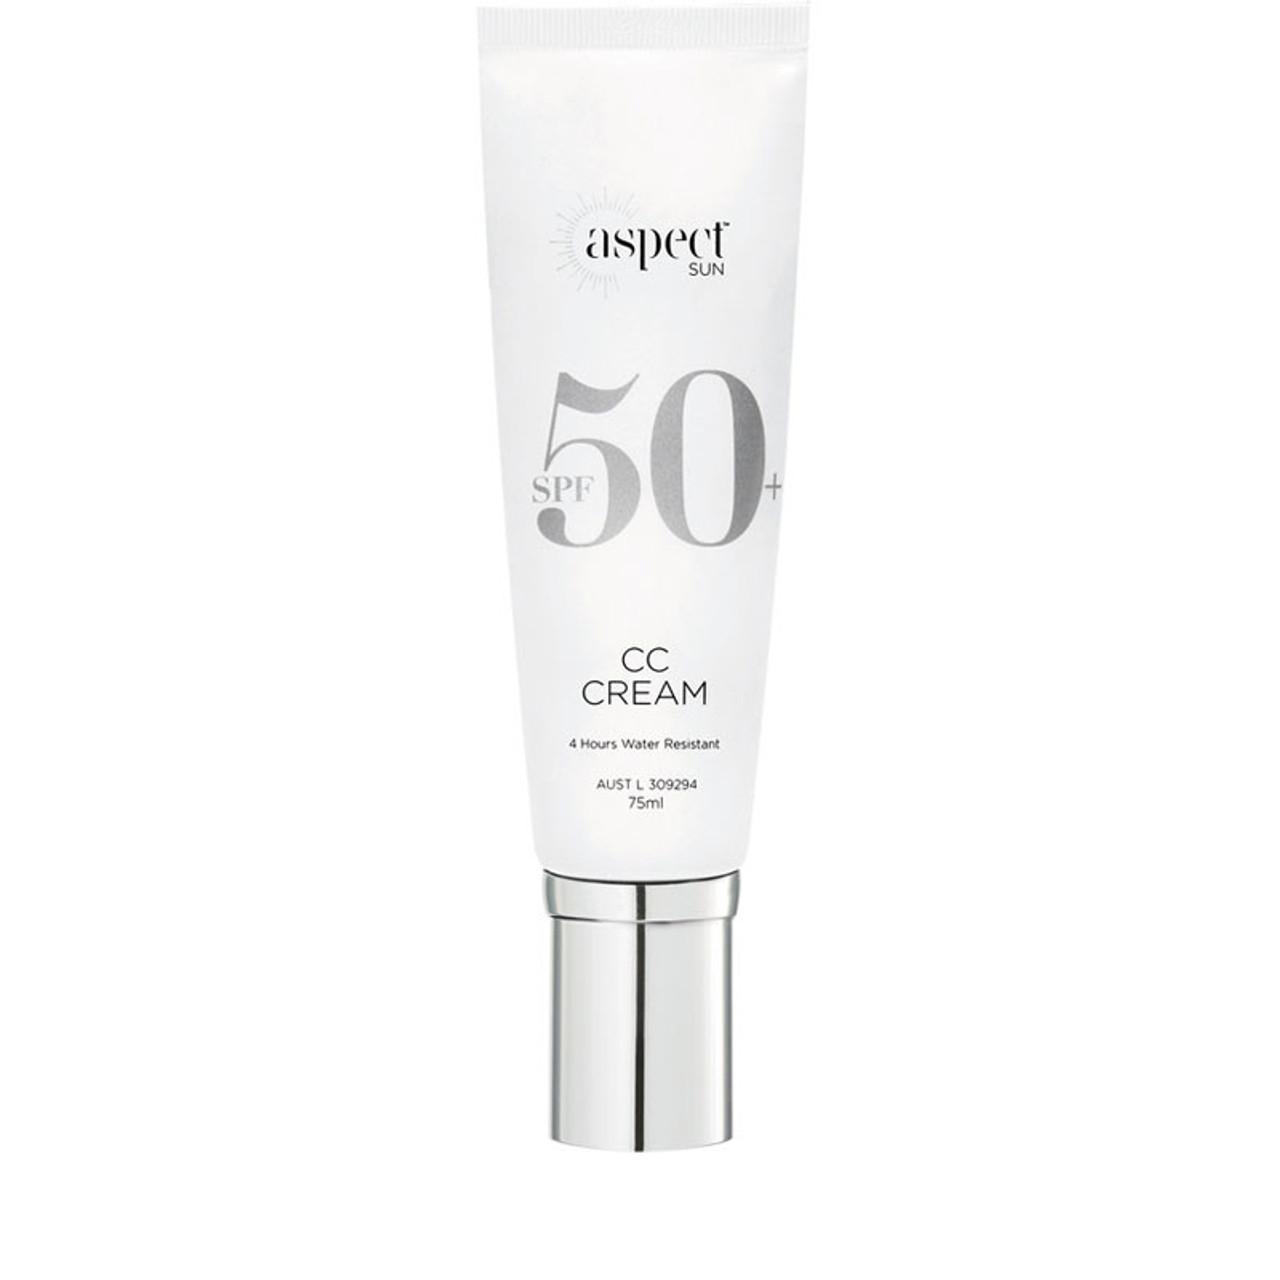 Aspect CC Cream SPF 50